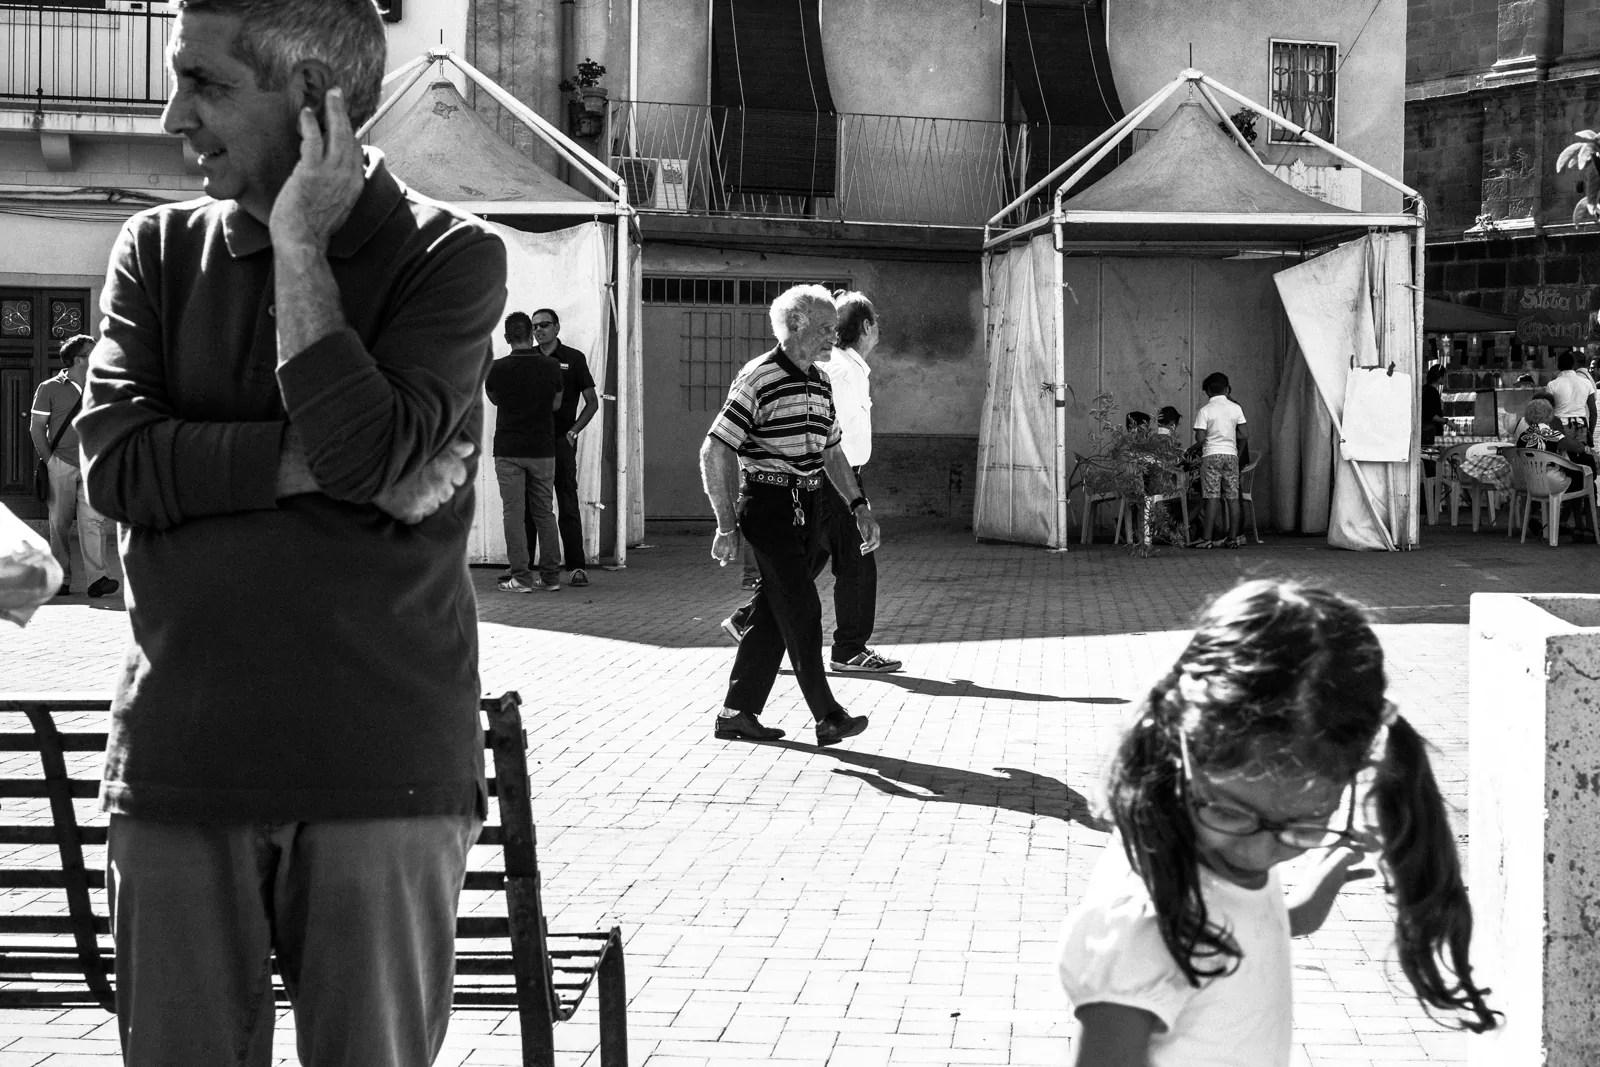 DSCF6154 - Fotografia in bianco e nero e la Street Photography - fotostreet.it